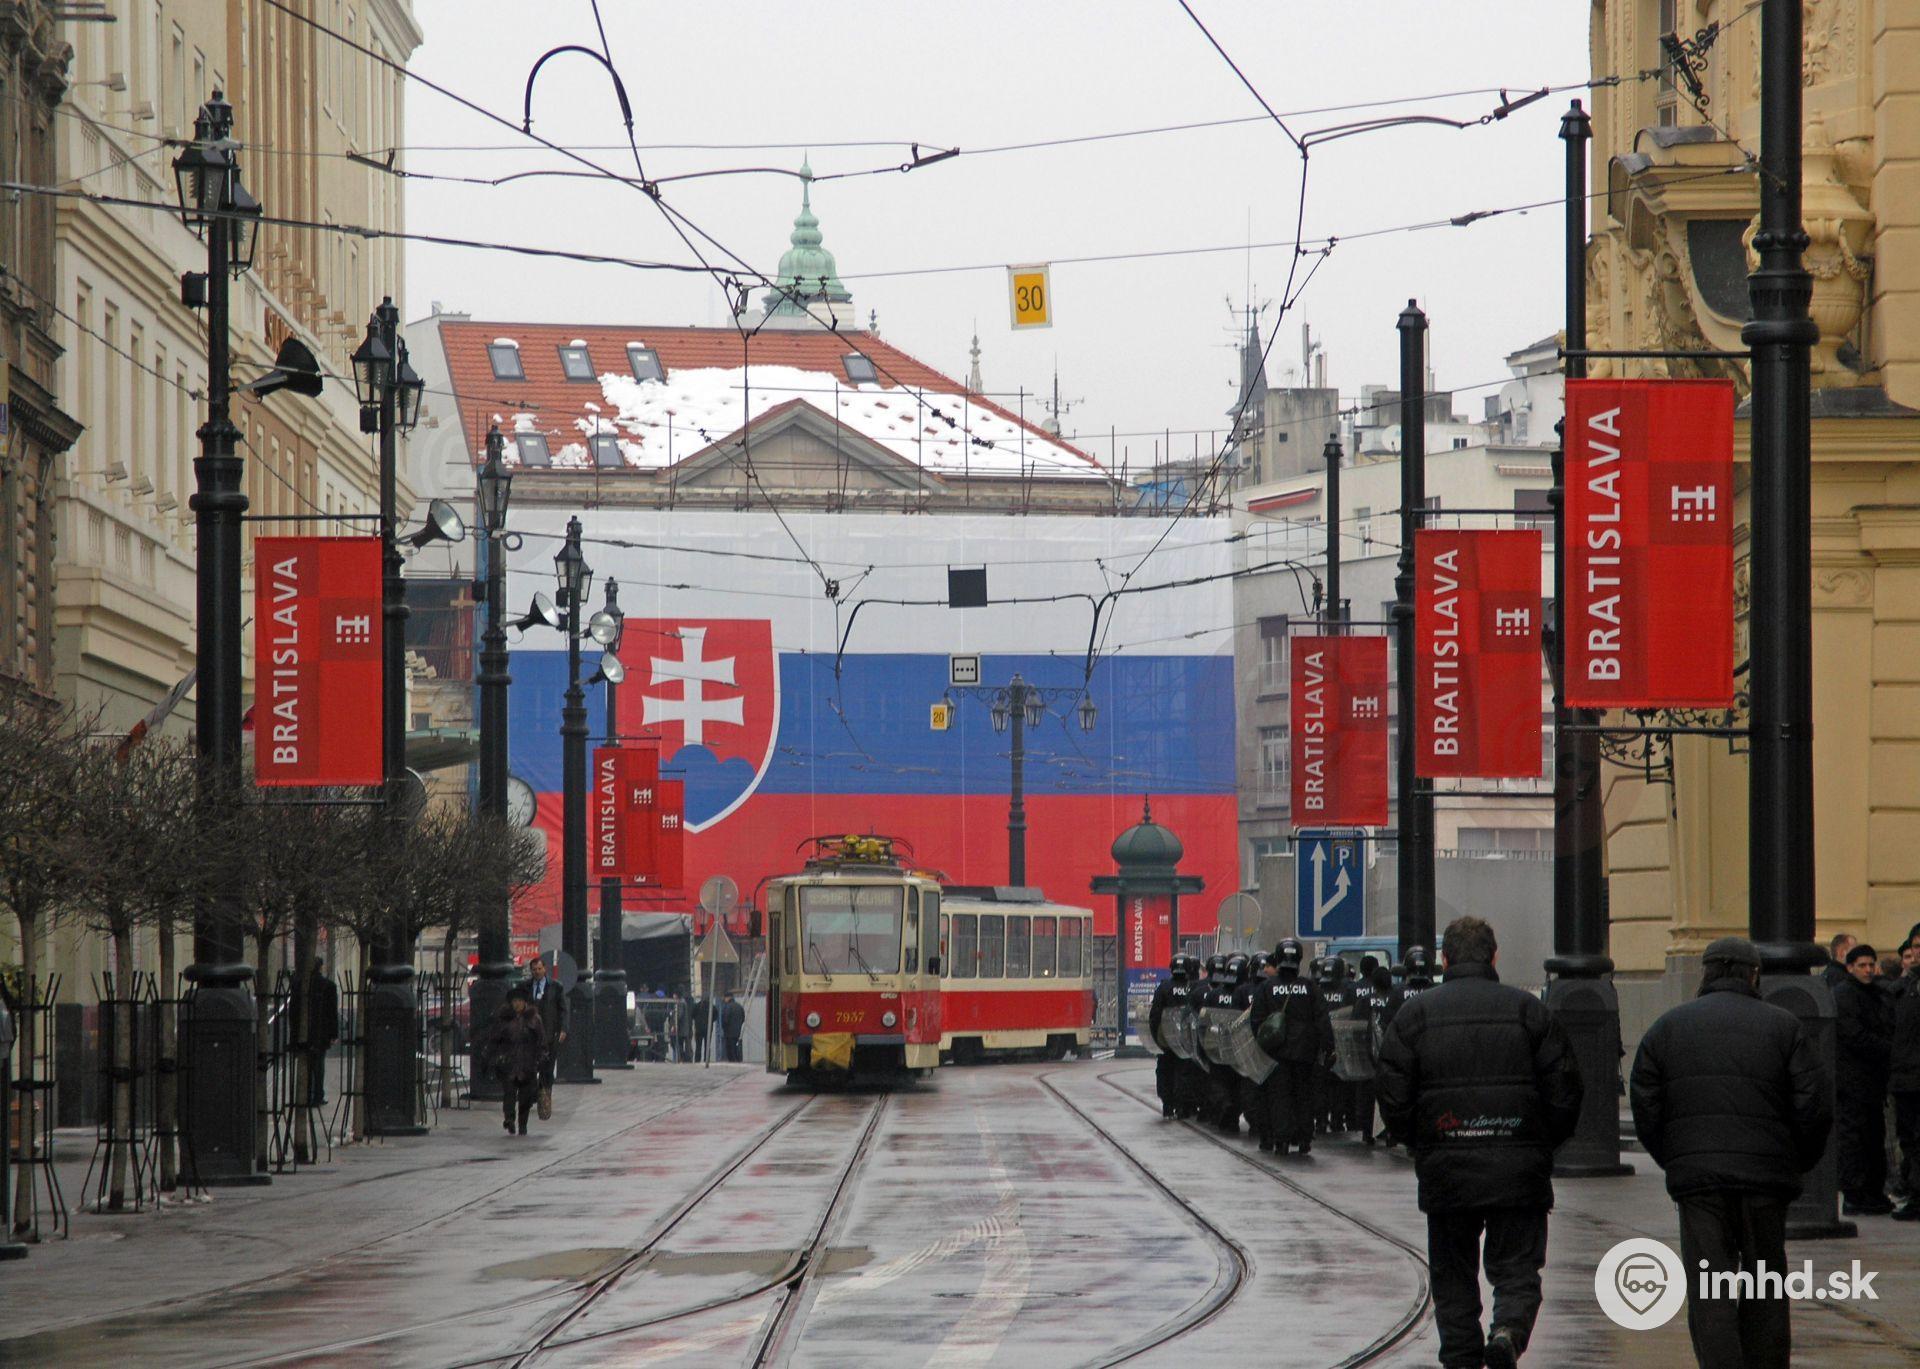 a12c8052a Bezplatná doprava počas piatkových dopravných obmedzení (16.9.2016) •  imhd.sk Bratislava